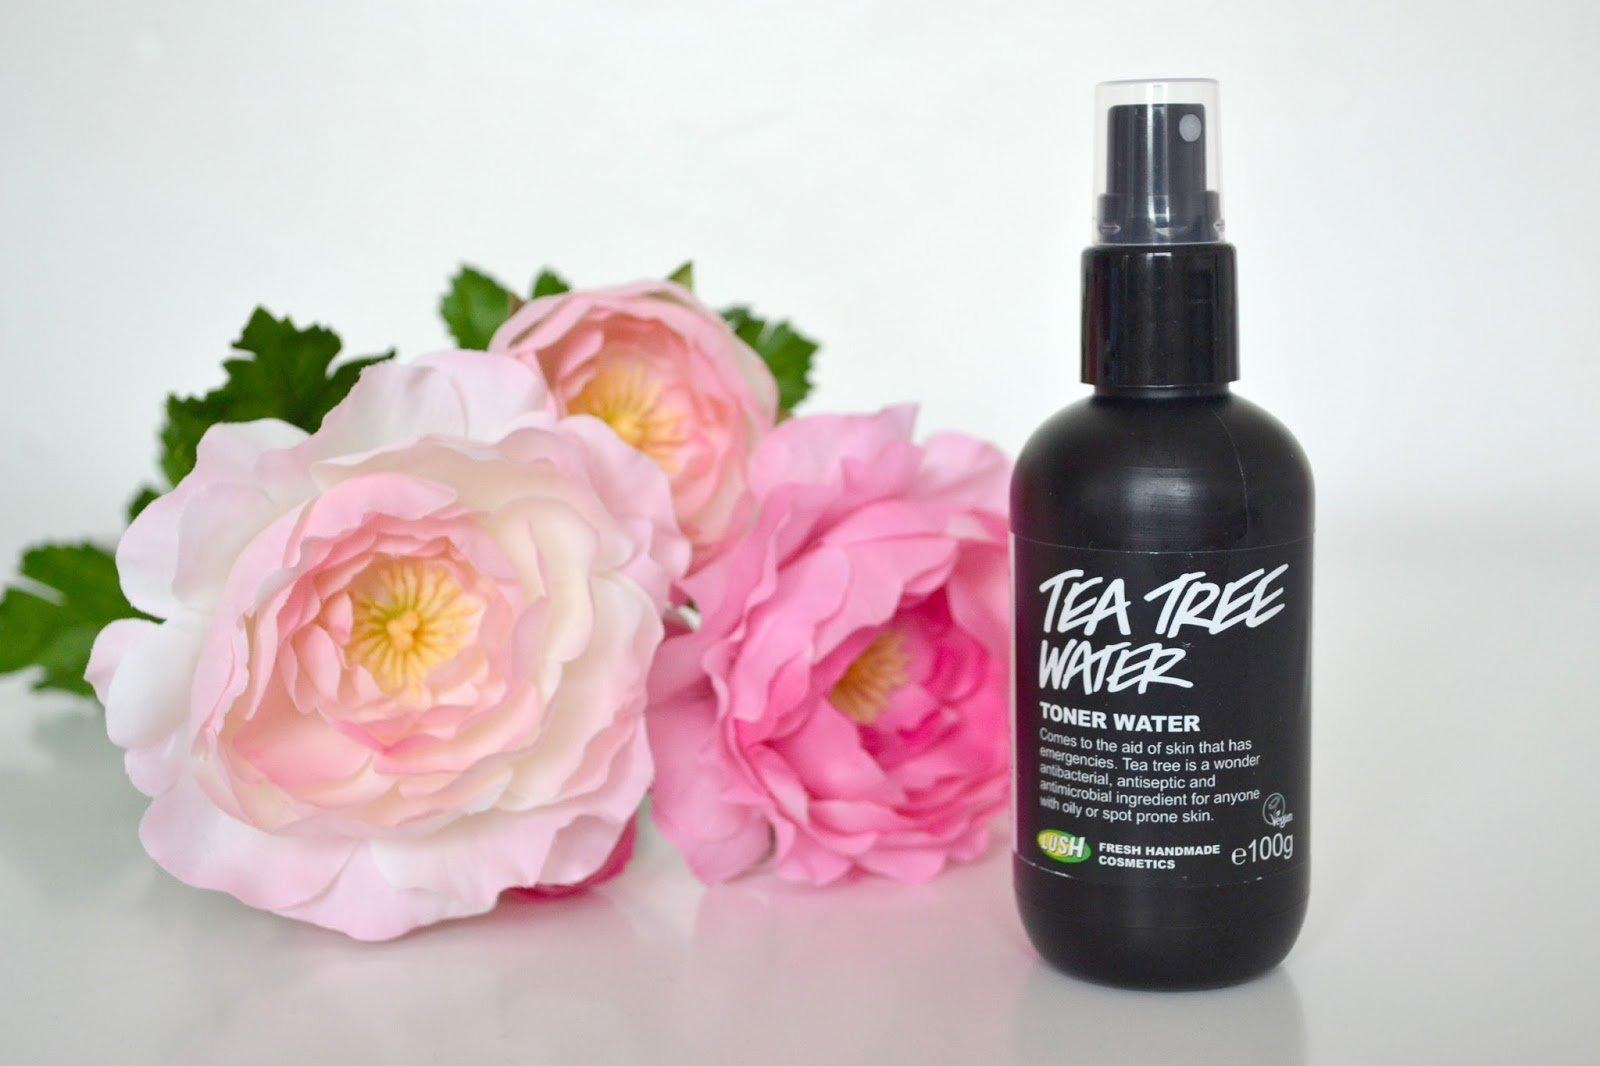 Bao bì nước hoa hồng Lush Tea Tree Water được thiết kế mang tone đen chủ đạo, hình thức bóng bảy, tinh tế (ảnh: internet).